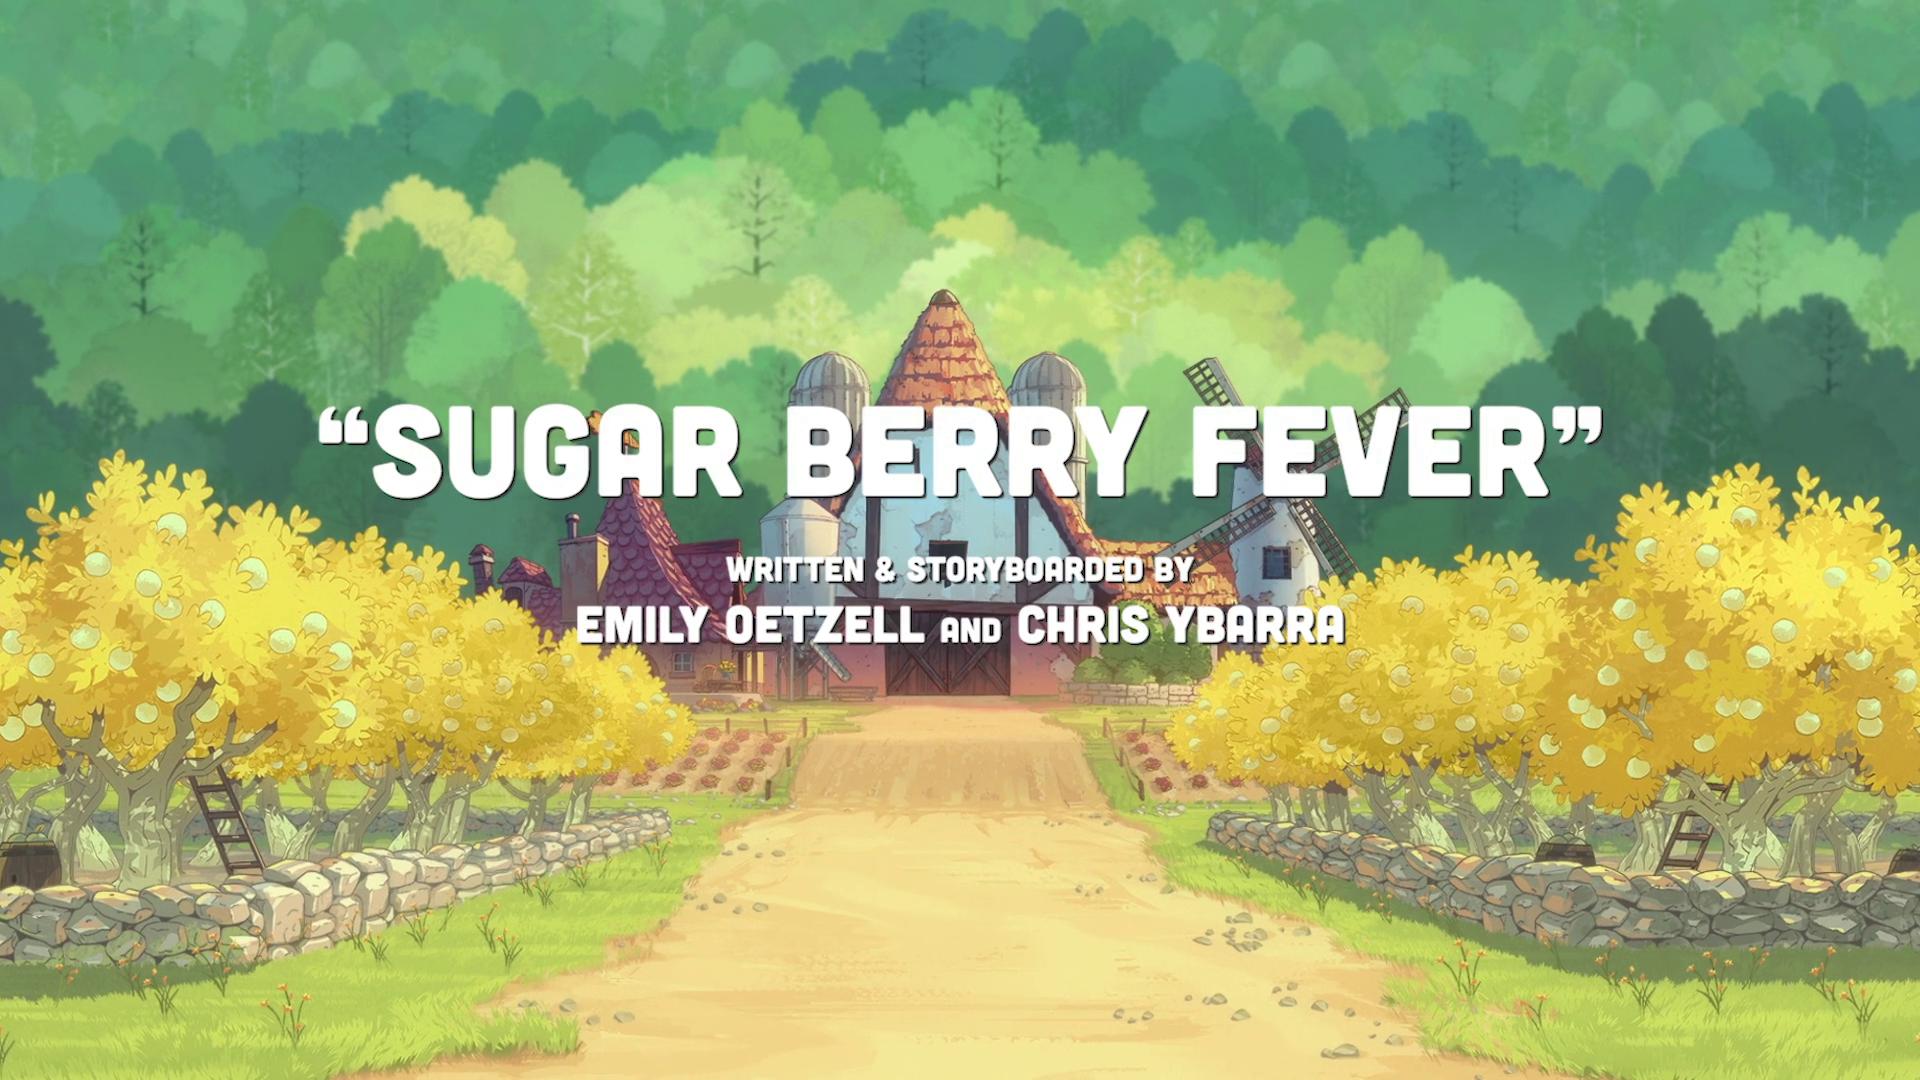 Sugar Berry Fever